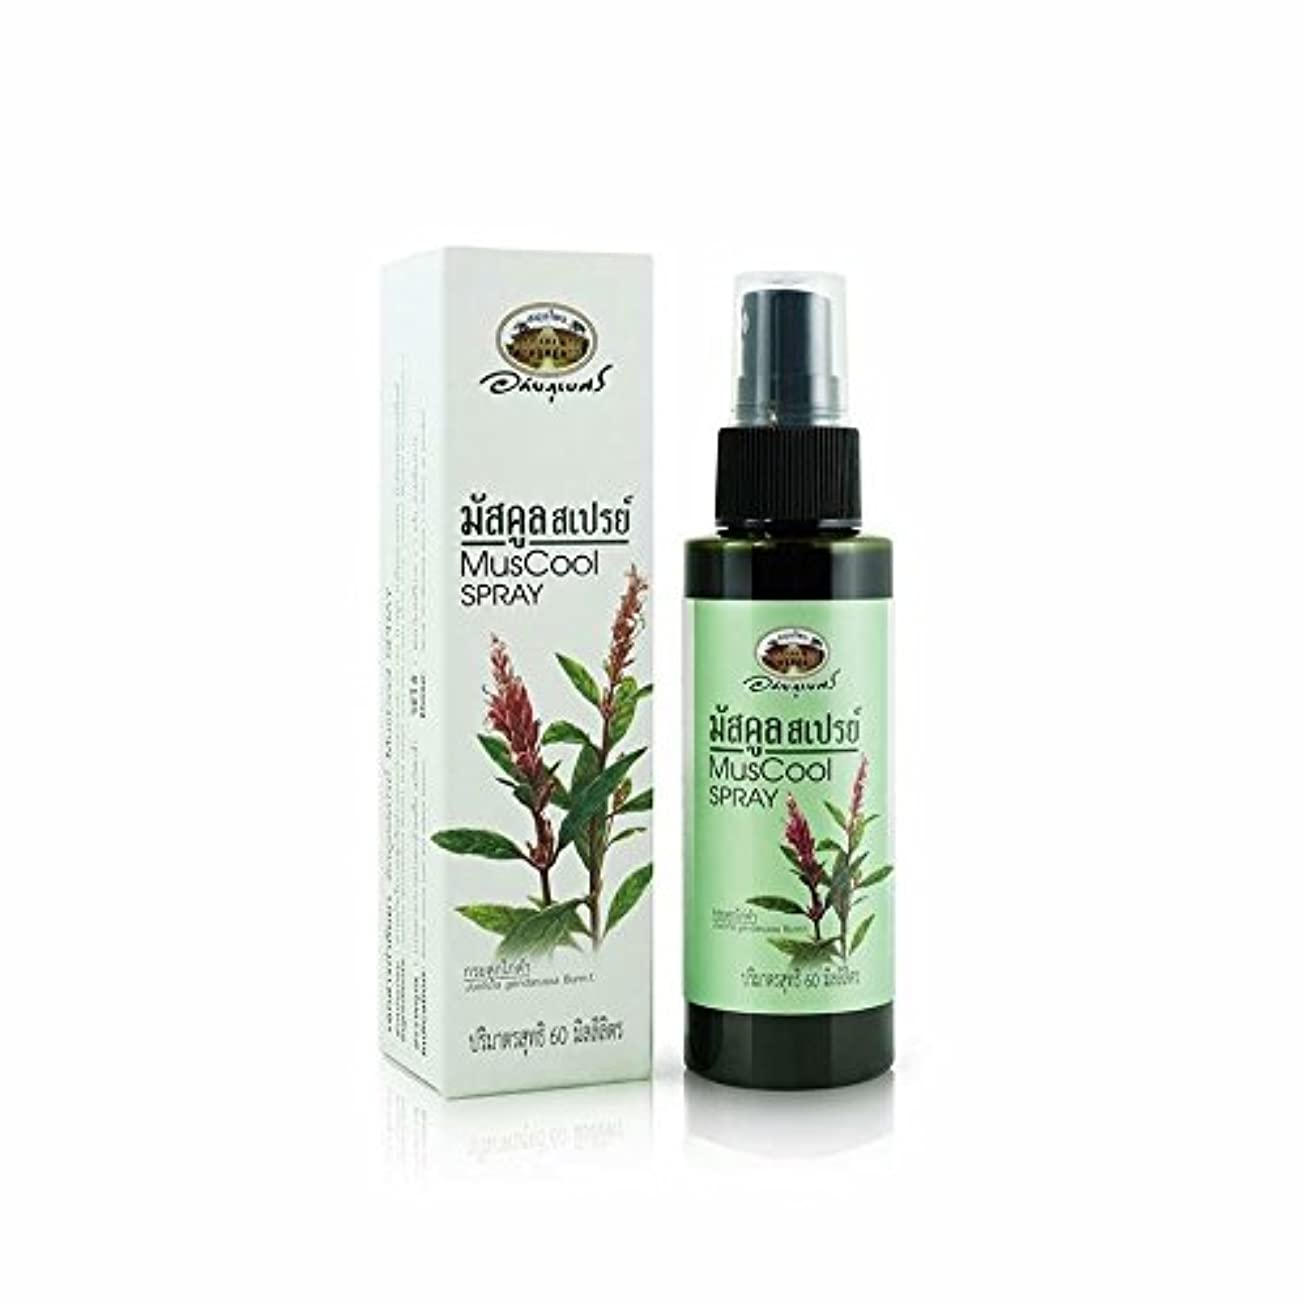 ブラウン水を飲む天才Herbal MusCool Muscle Pain Spray Justicia Gendarussa Burm.F. Leaf Extract 60ML ハーブマッスルスプレー60ミリリットル